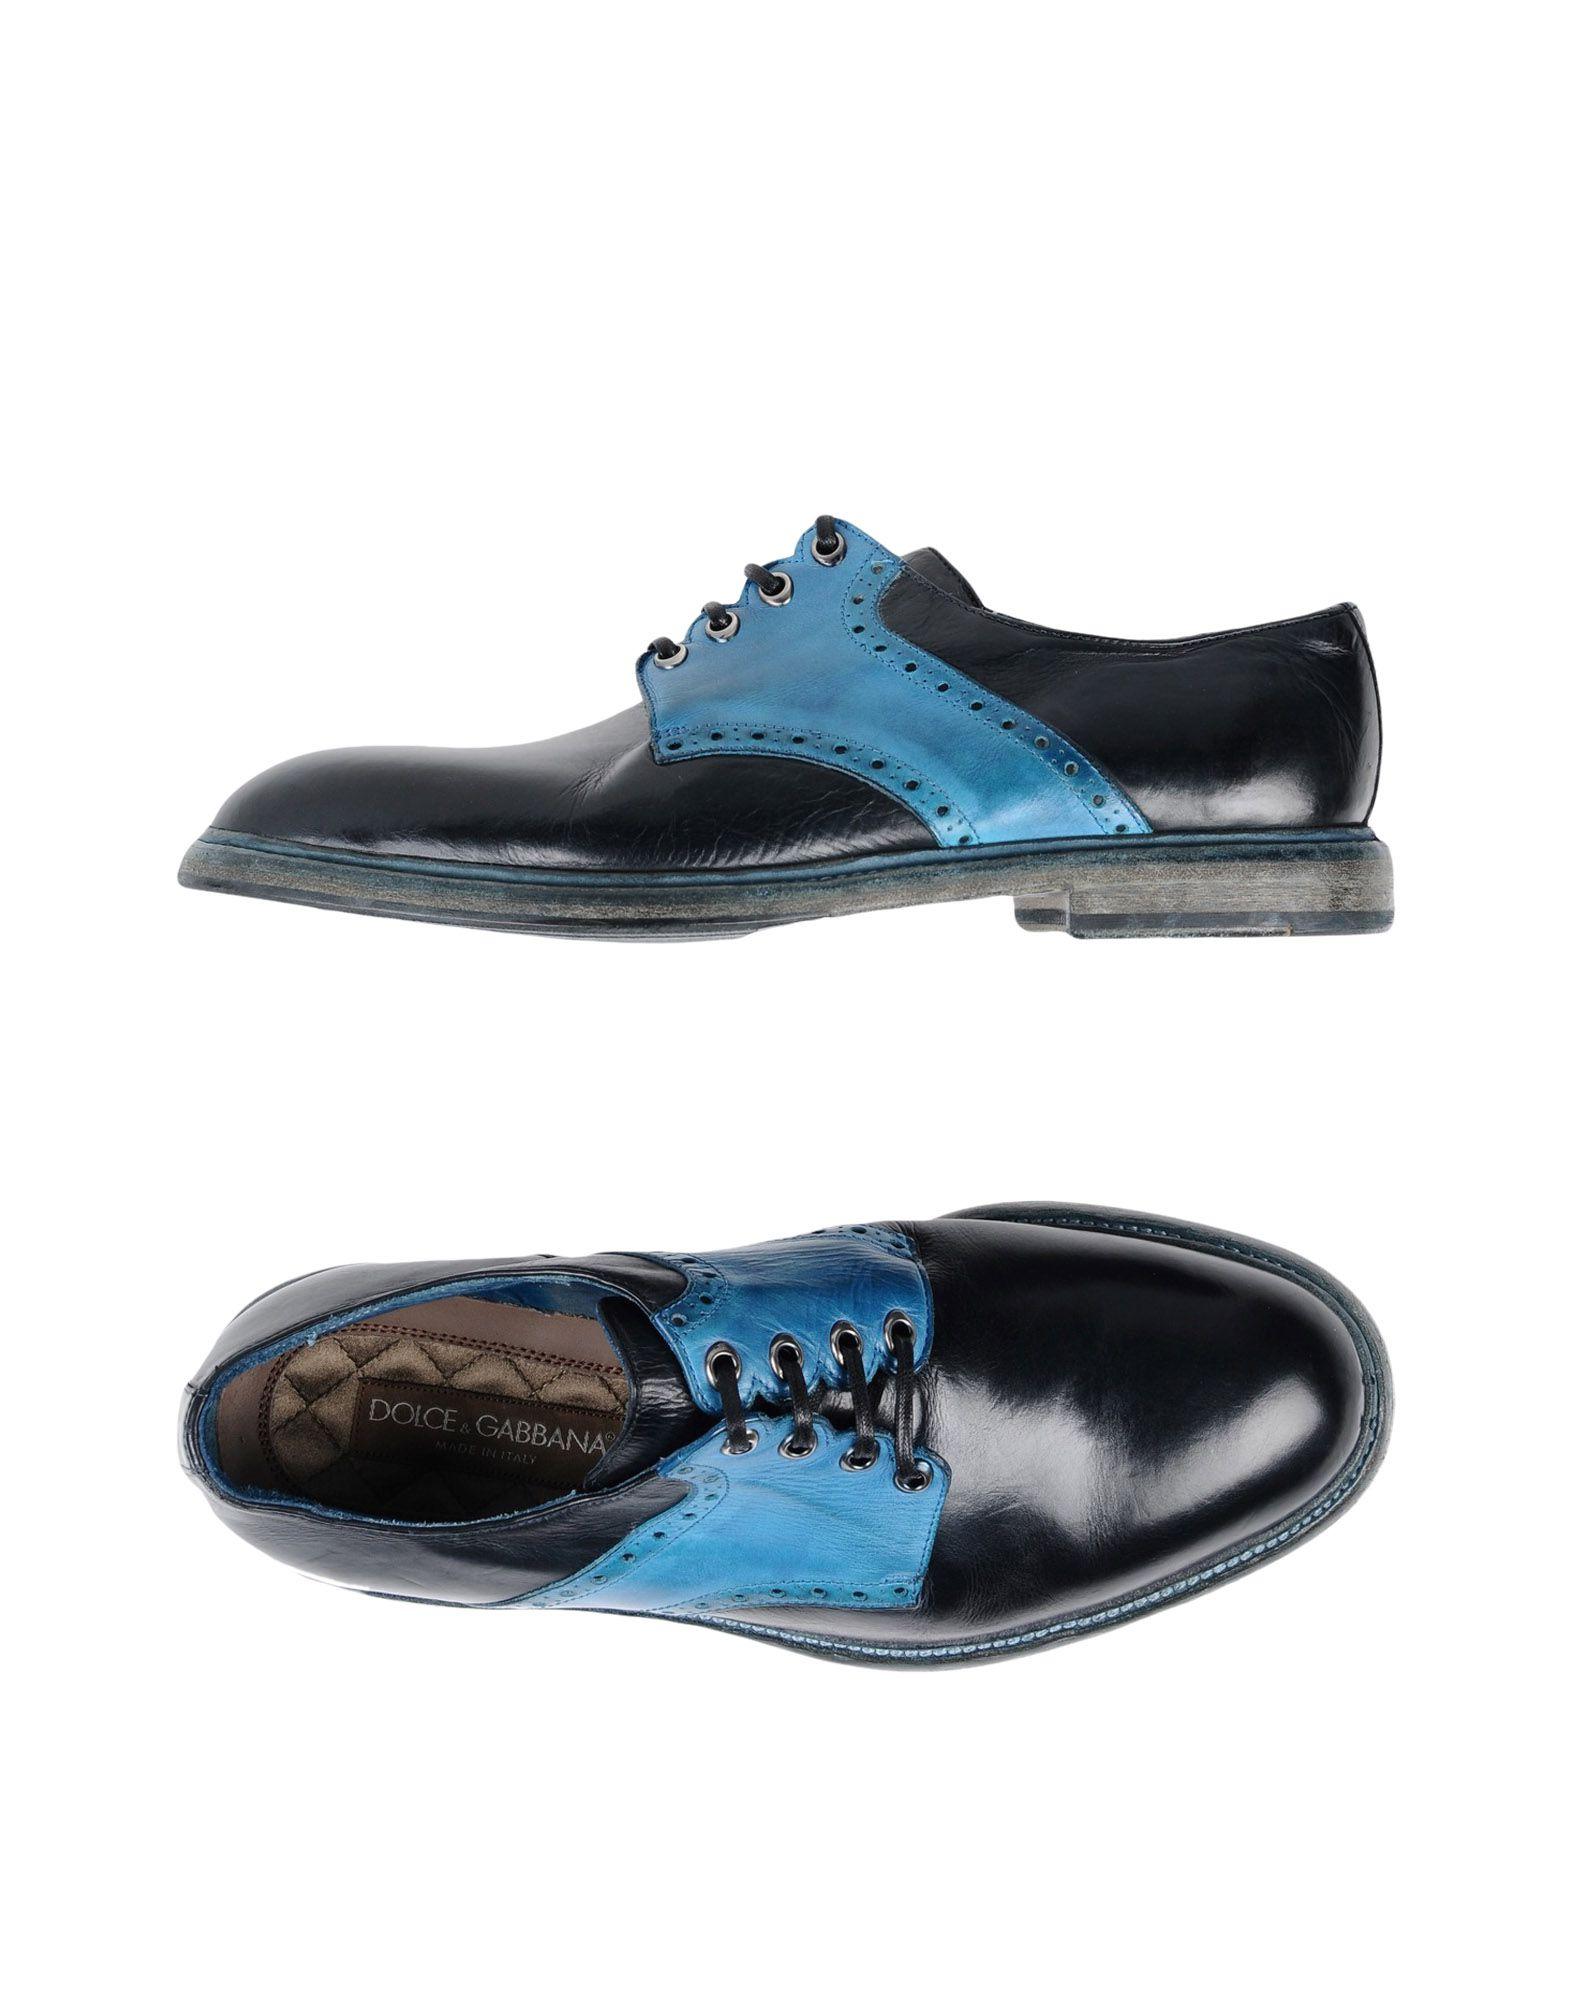 Venta de liquidación de temporada Cordones  Zapato De Cordones temporada Dolce & Gabbana Hombre - Zapatos De Cordones Dolce & Gabbana 356763